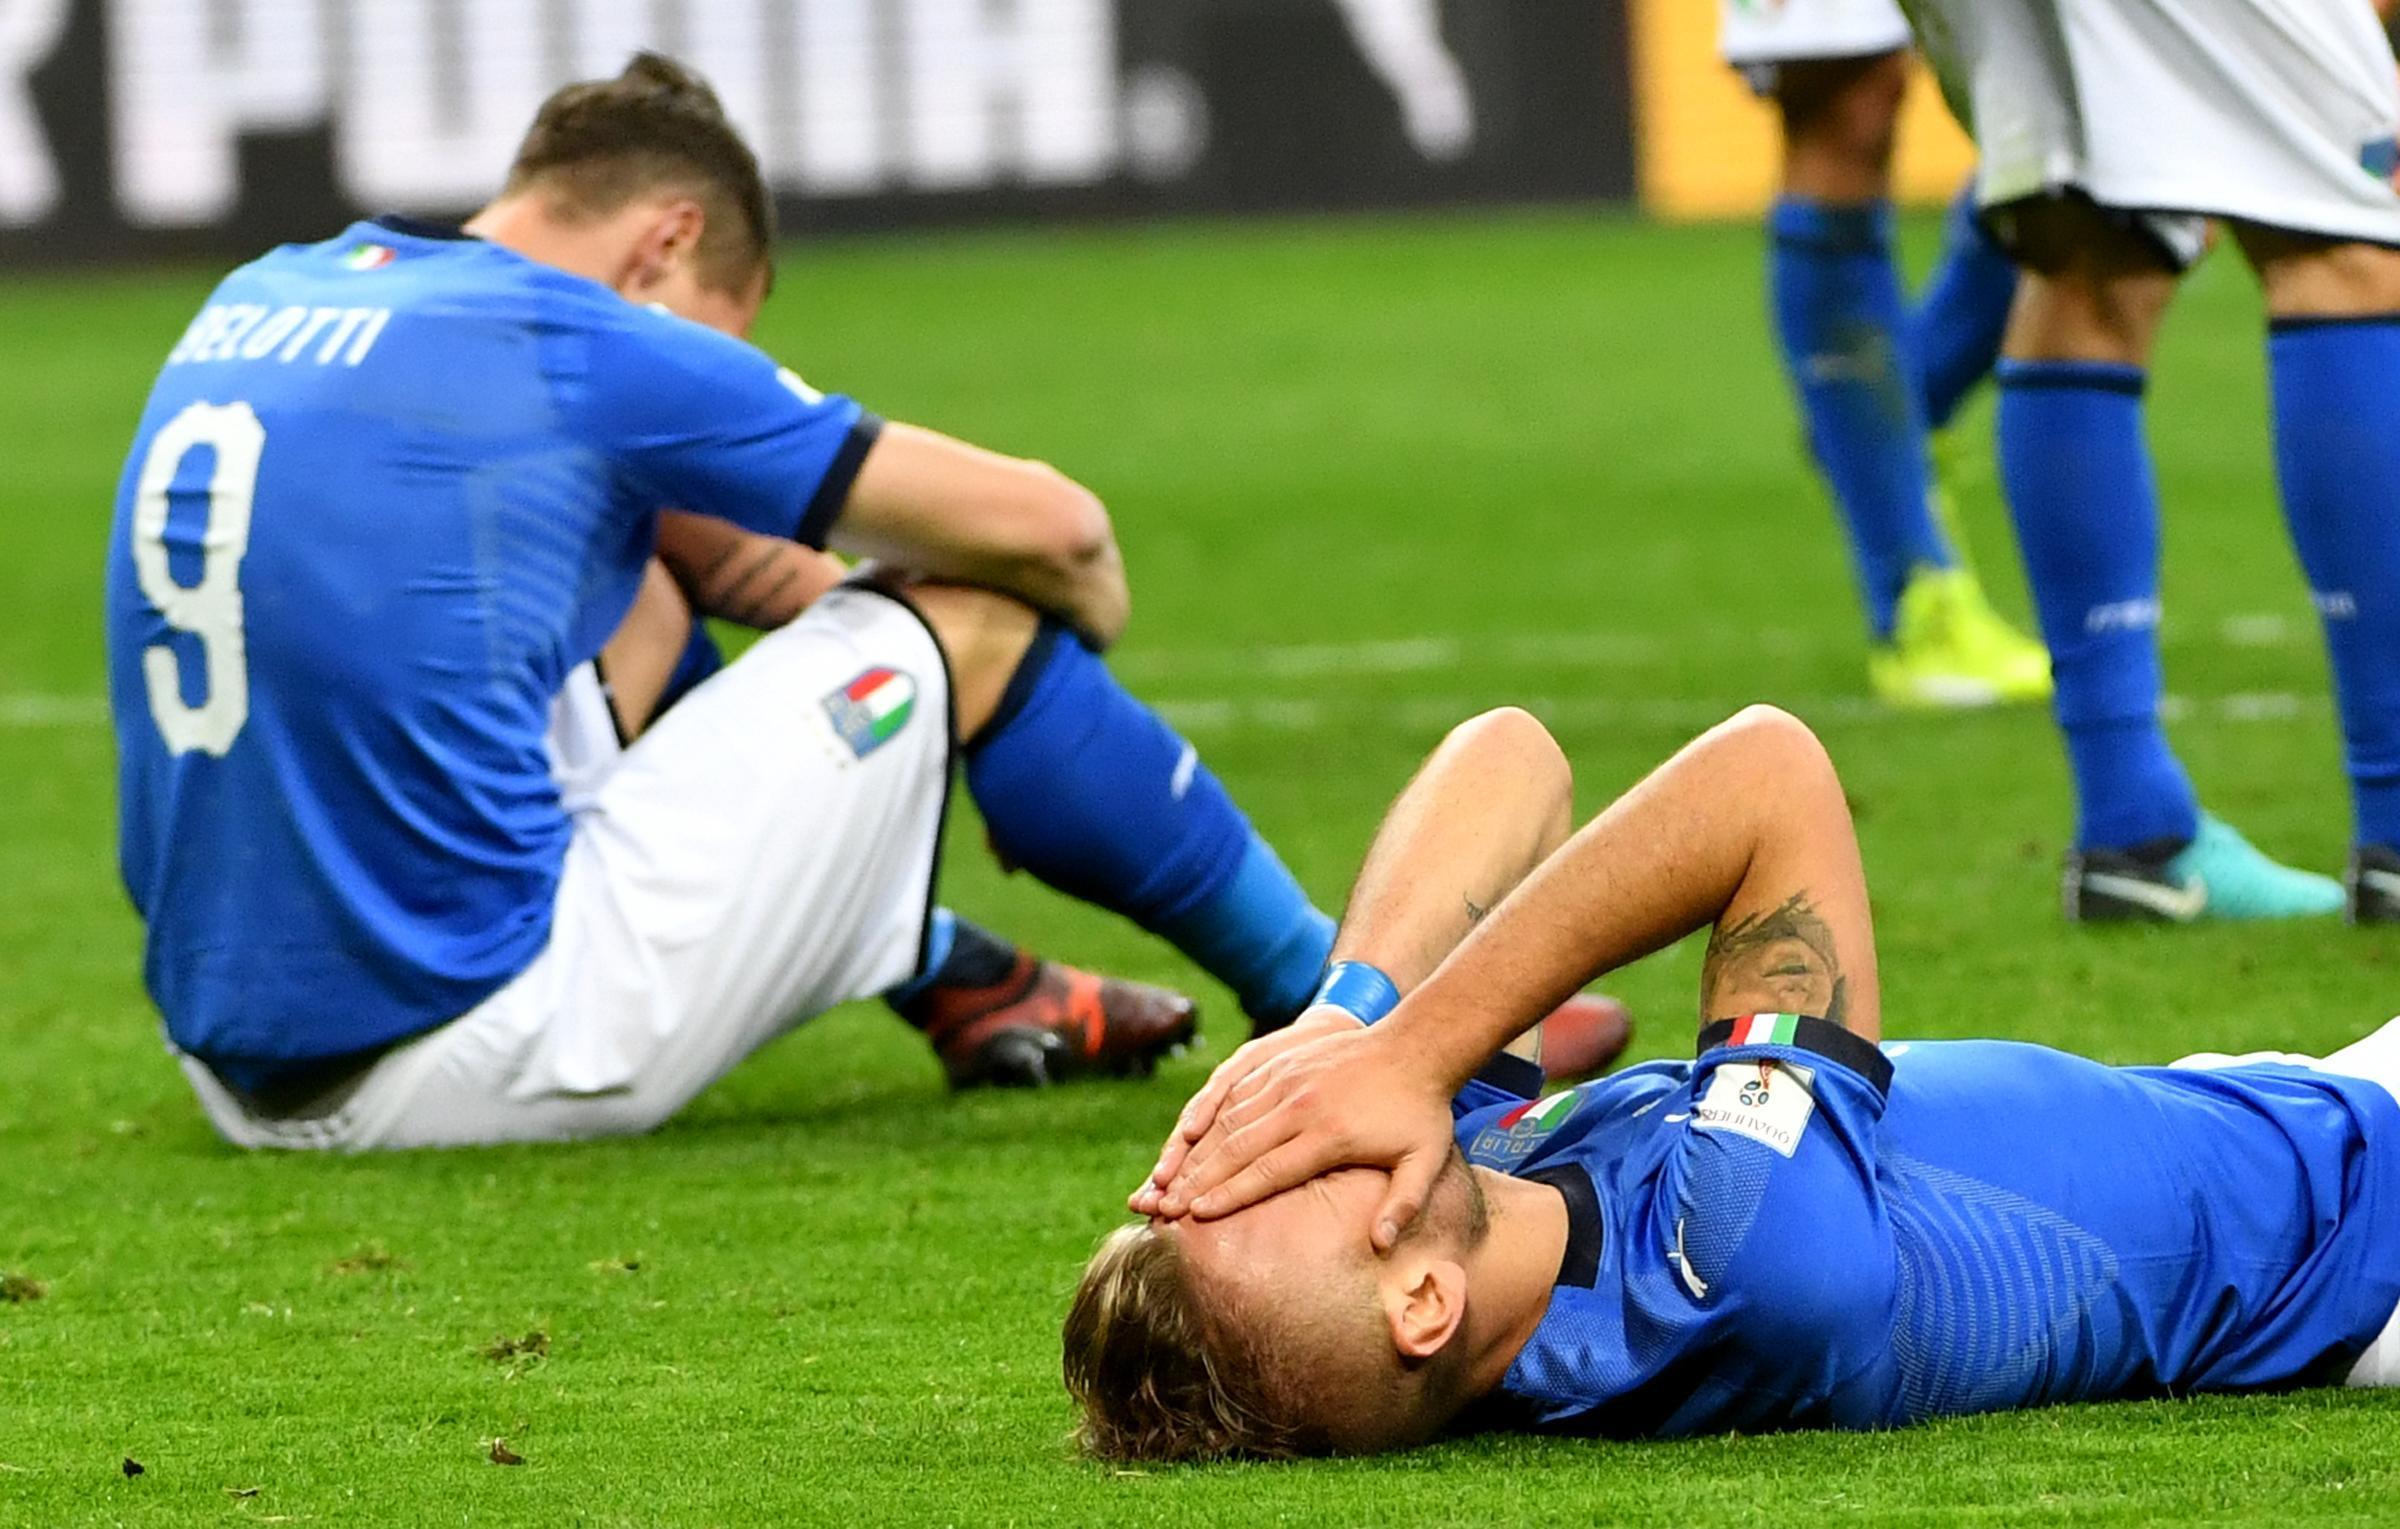 Italia fuori dai Mondiali 2018: il danno economico è di oltre un miliardo di euro